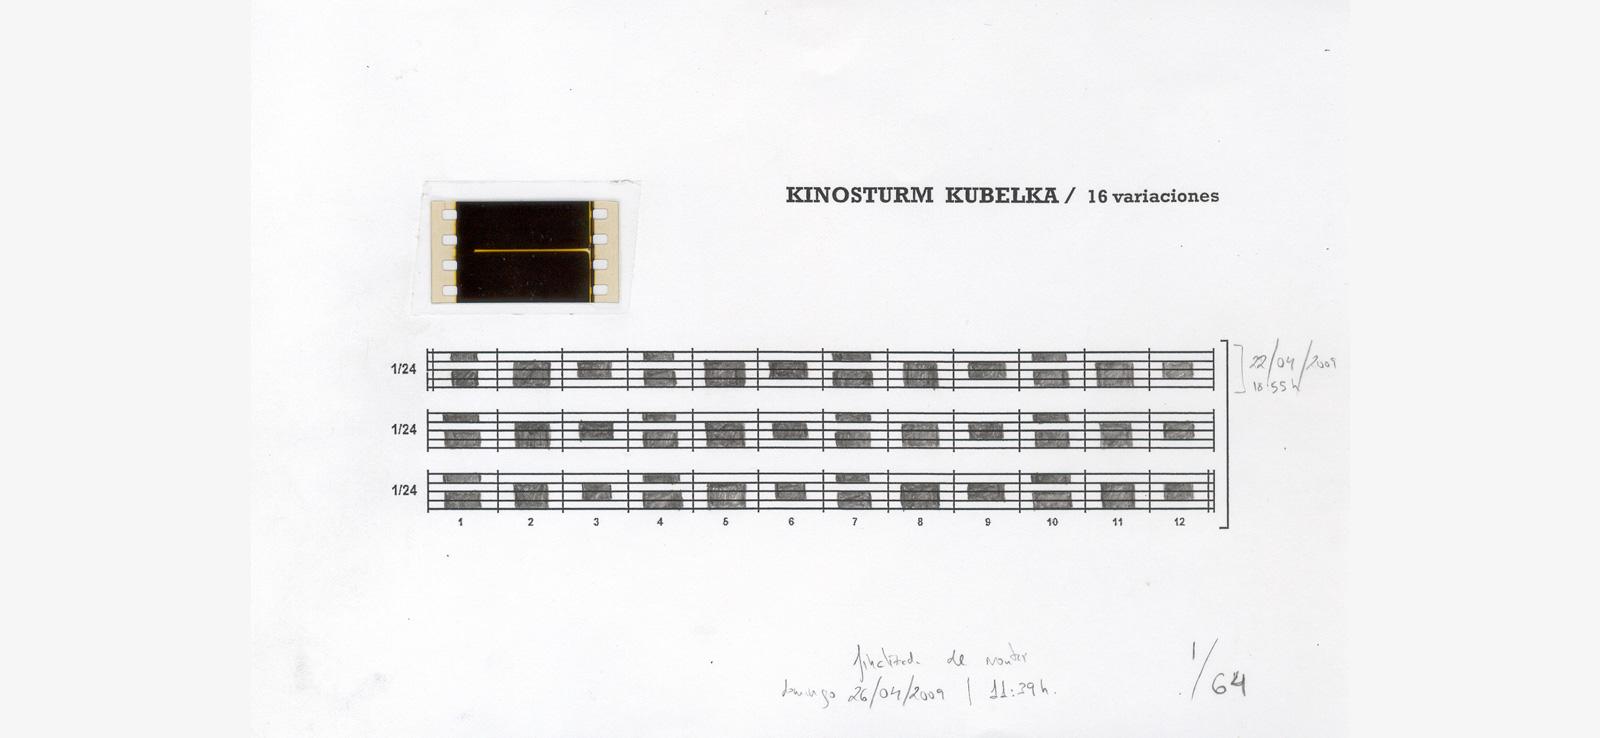 Antoni-Pinent-film-artist-KINOSTURM-KUBELKA-16-variaciones